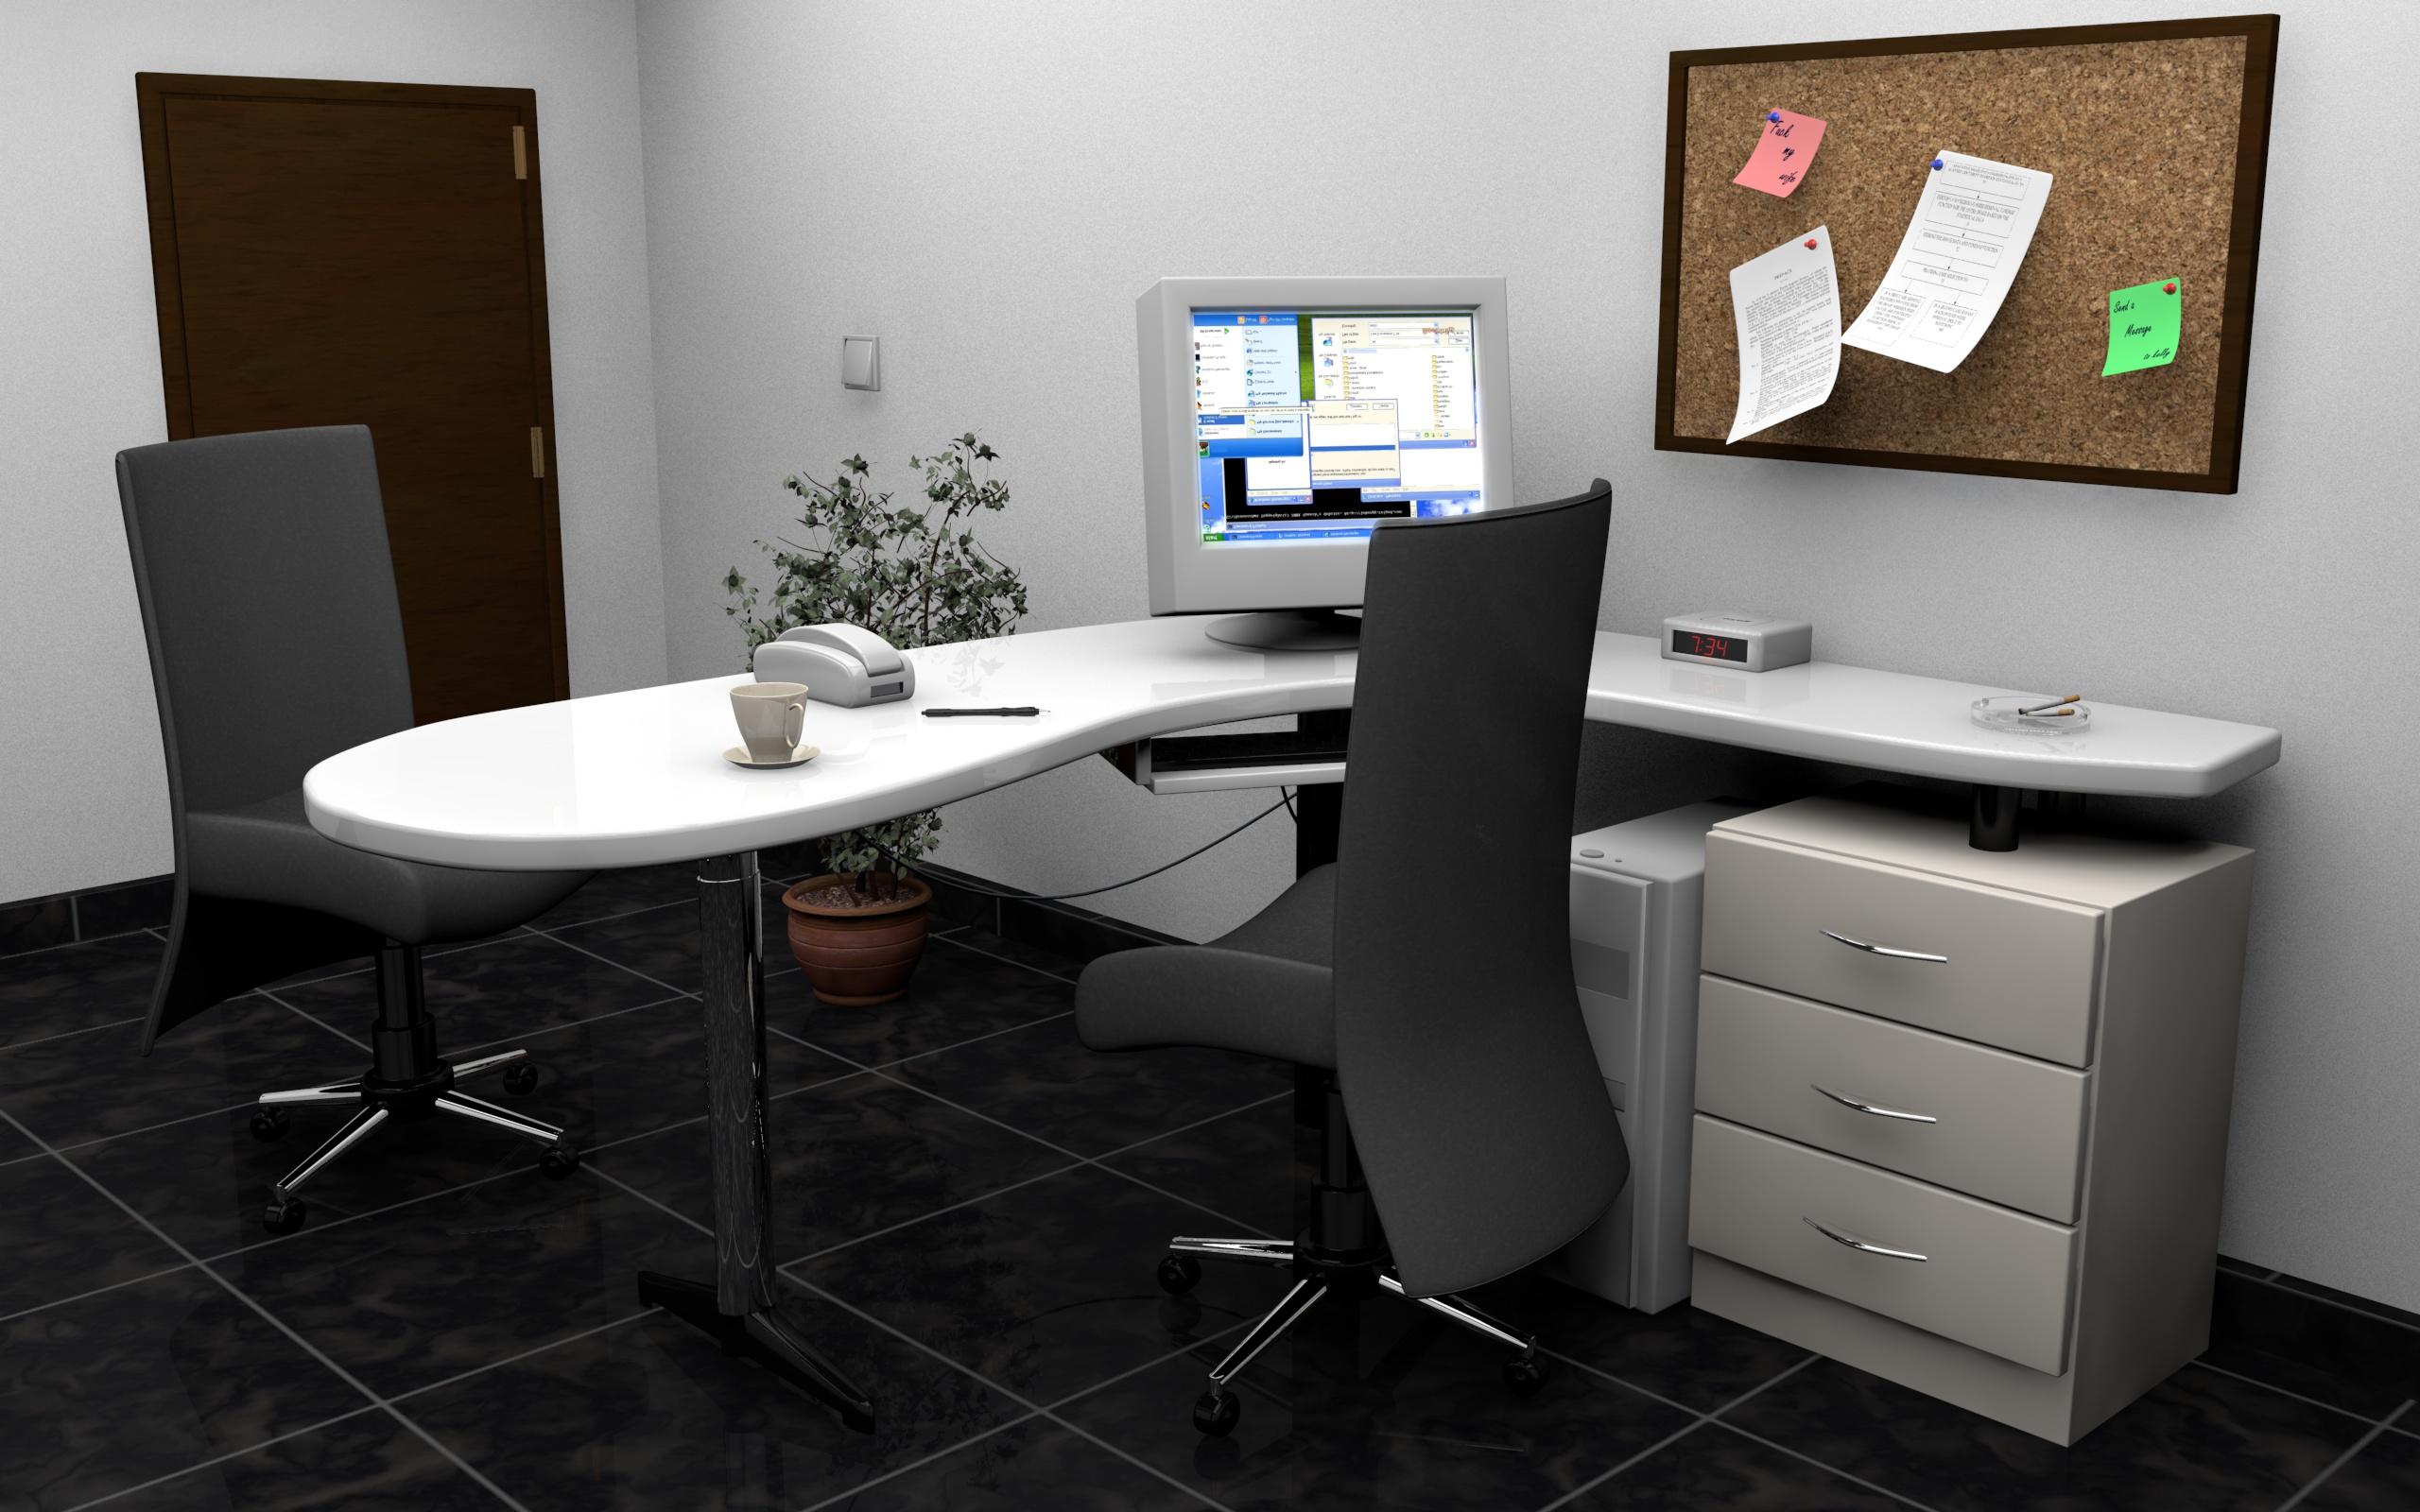 Office interior by amitwati on deviantart Computer desk interior design